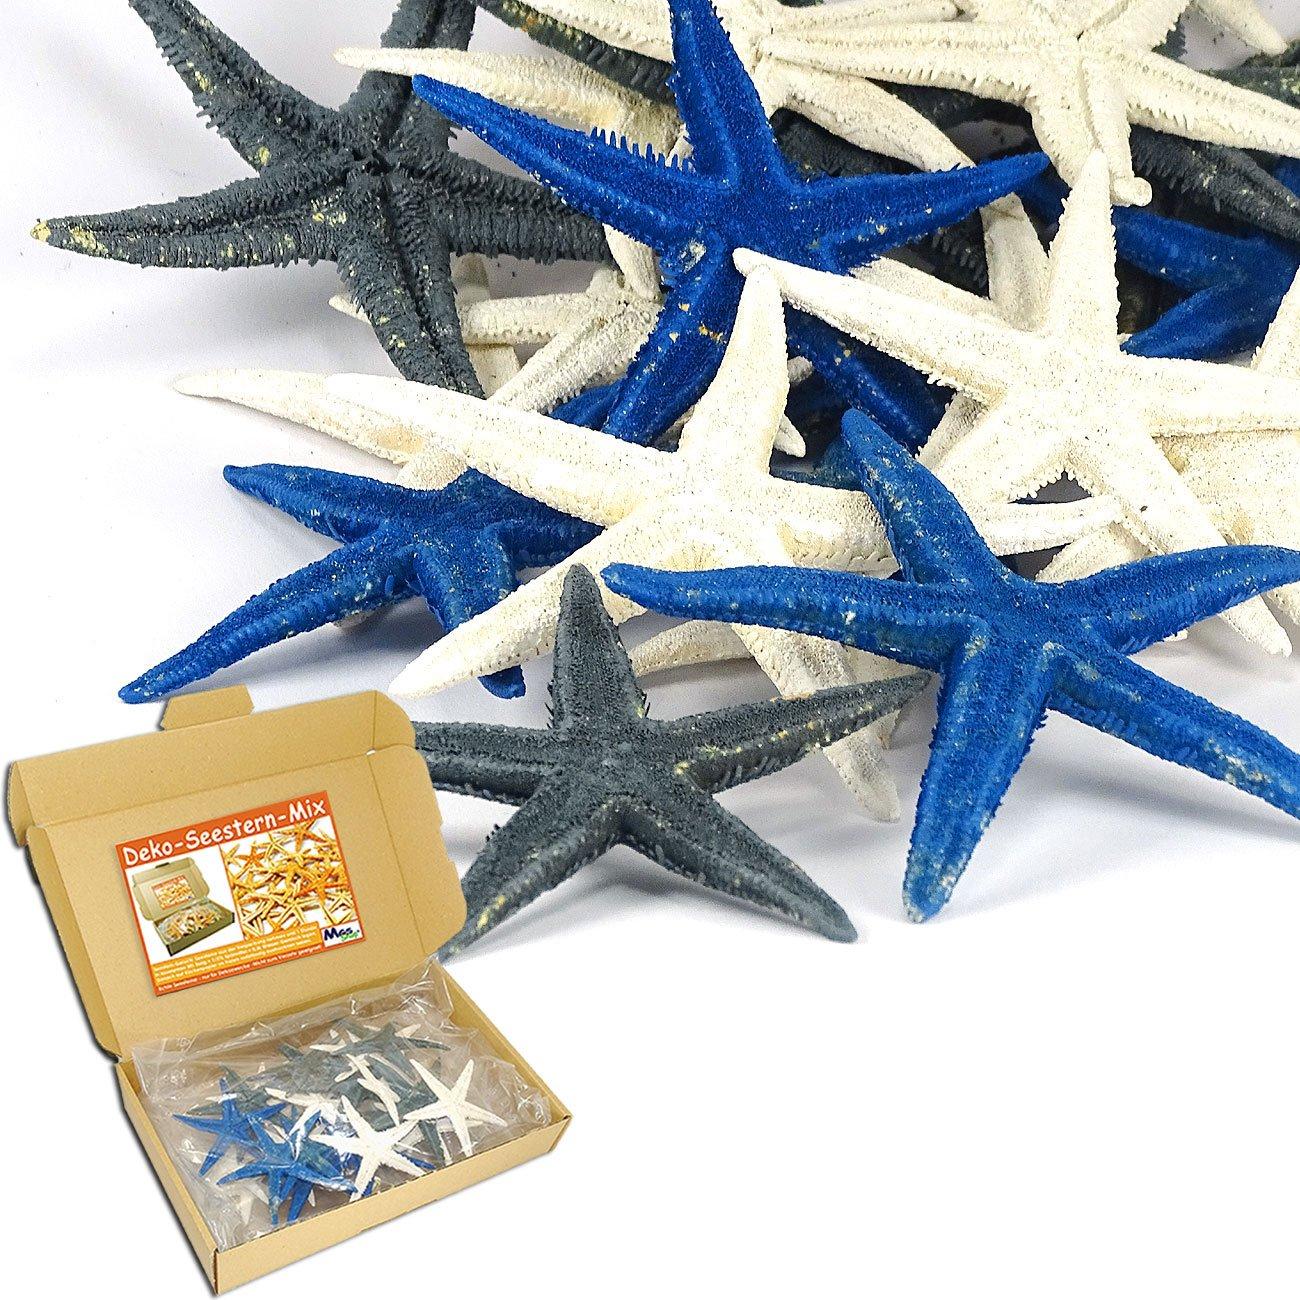 SEESTERN - MIX BUNT 20 er - Set echte Seesterne Deko - Starfish im ...